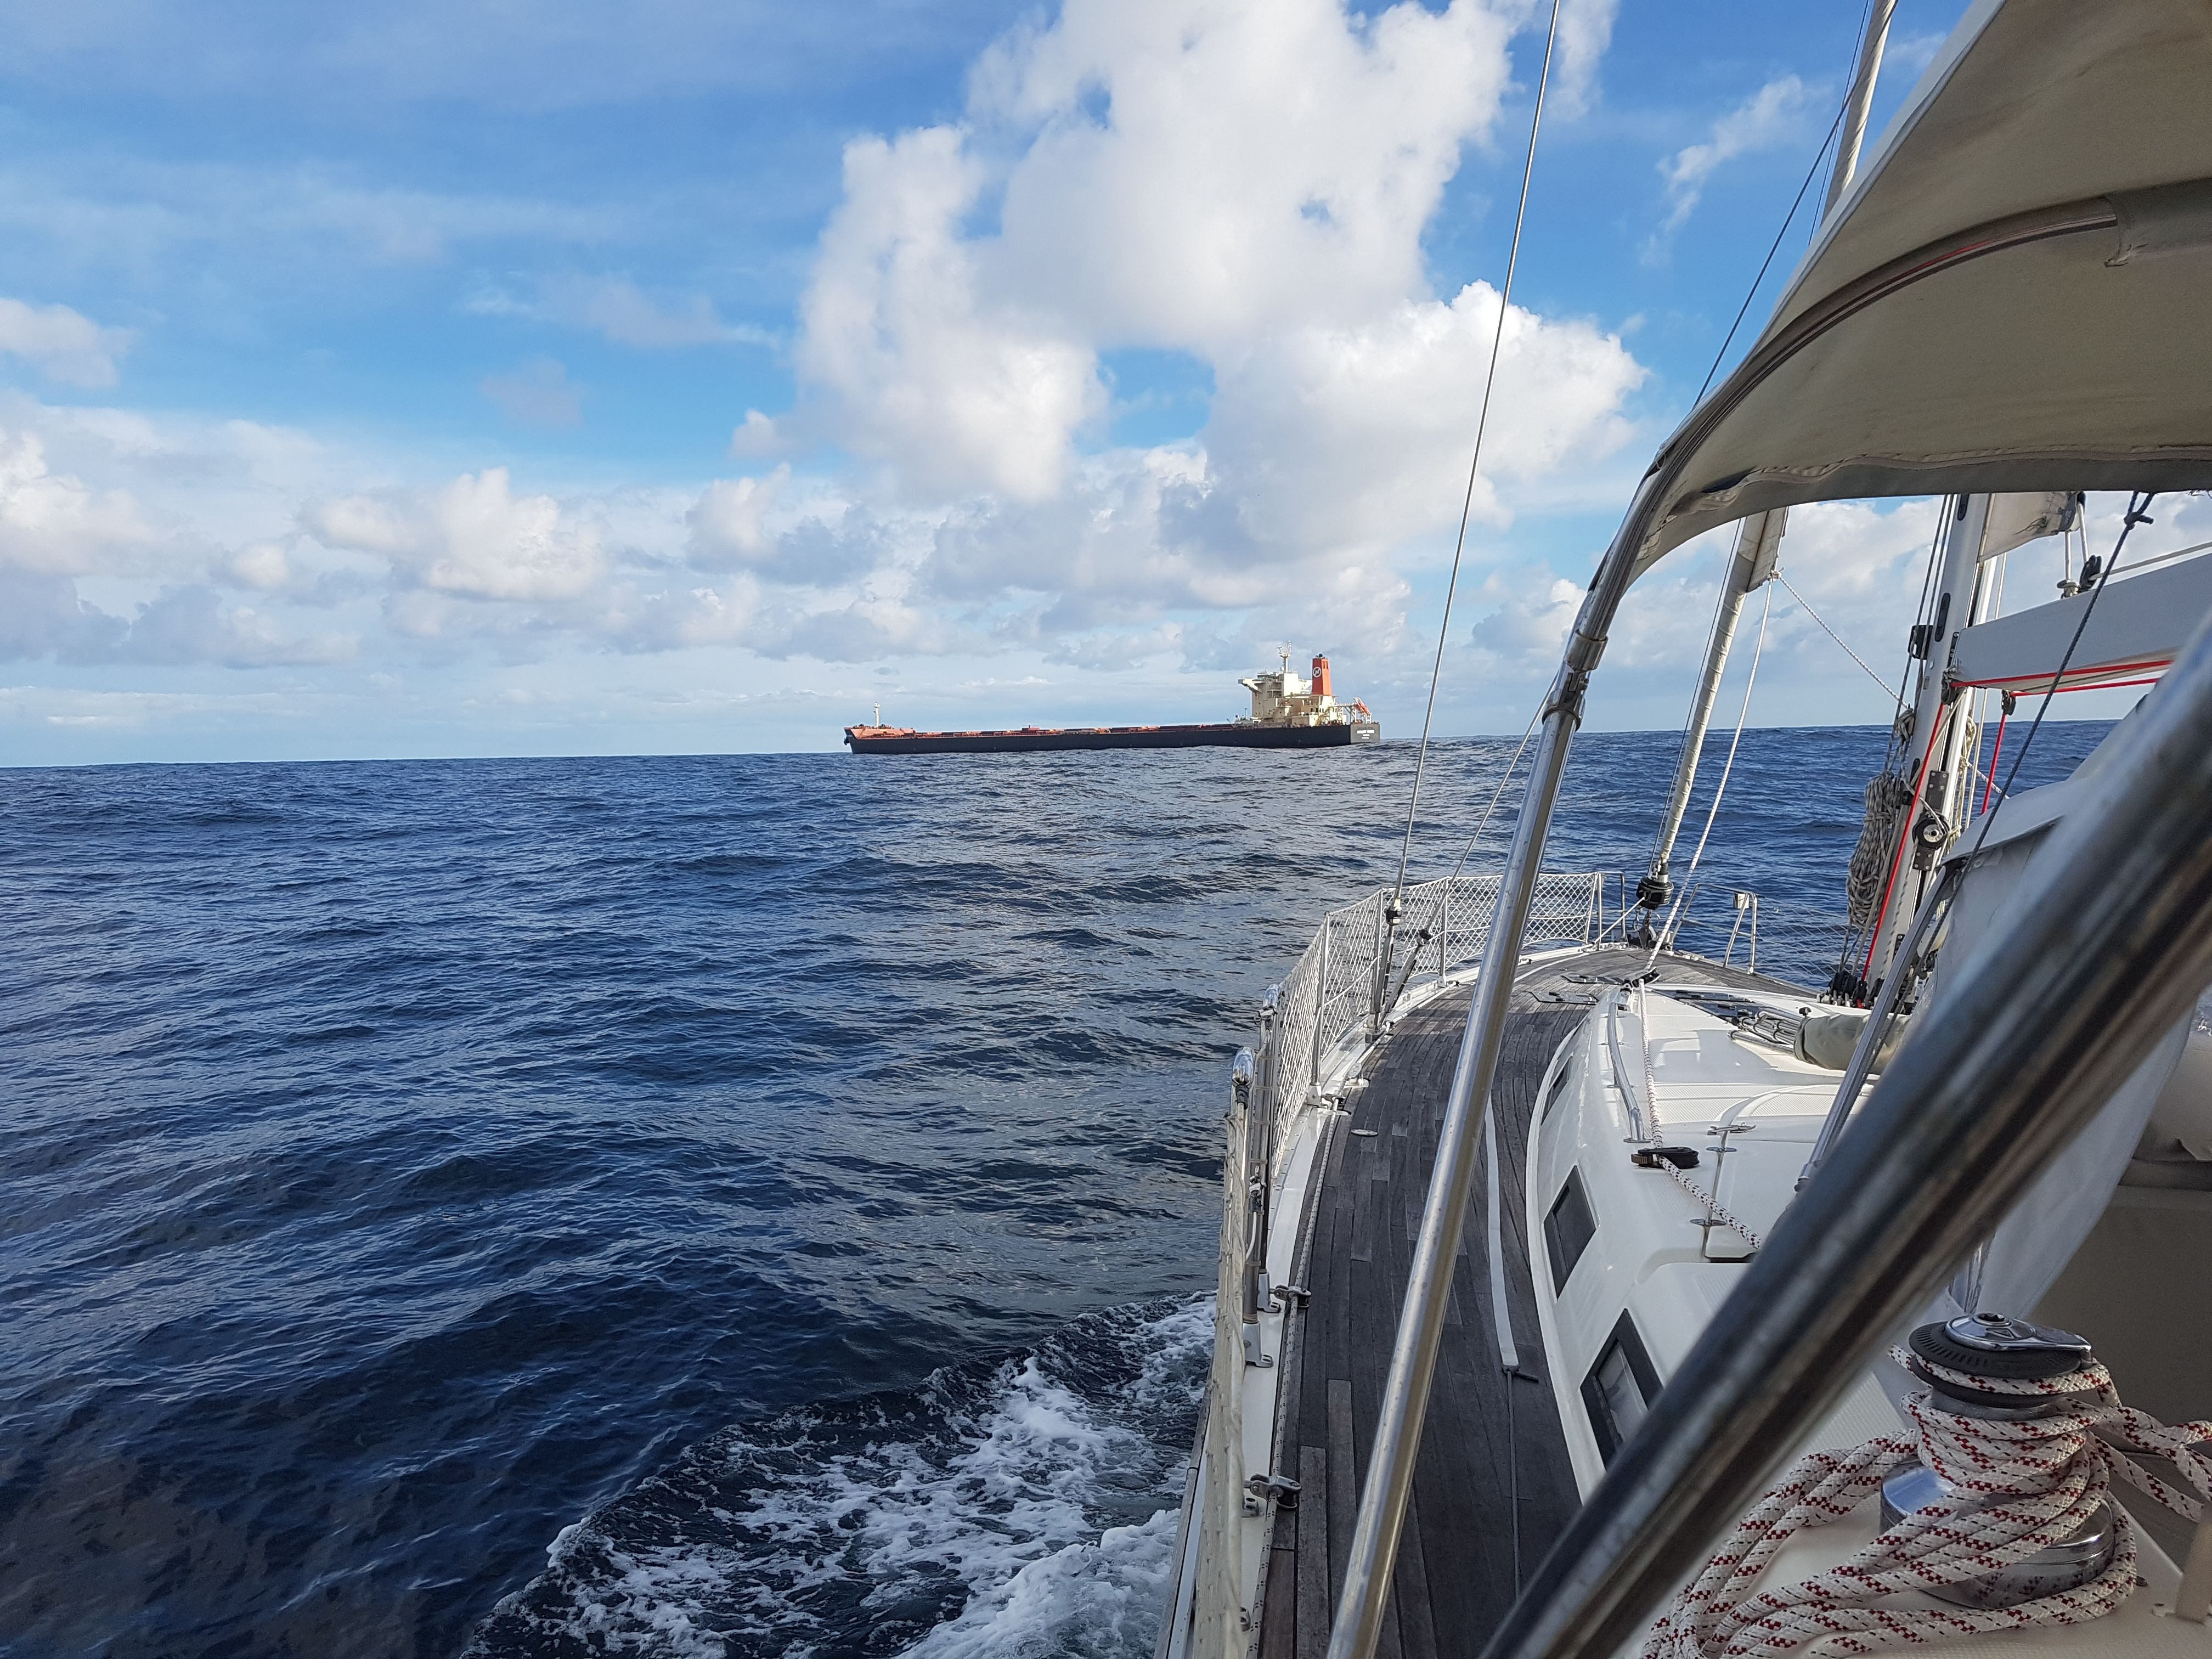 """Durante la última travesía en el """"Basileus"""", la tripulación ha disfrutado de la observación a su paso de buques mercantes. ¿A qué te gustaría estar ahí en medio del mar? Nota:  Muchas gracias Íñigo por todas las fotos y vídeos.  Has sido nuestro gran reportero en esta travesía. www.servinauta.com www.globalyachtingibiza.com www.nauticavaraderoibiza.com #Galicia #Vigo #Ssanxenxo #Yachting_ibiza #galiciacalidade #galiciamola #riasbaixas #turgalicia #welcometogalicia #Pontevedra #Charter…"""